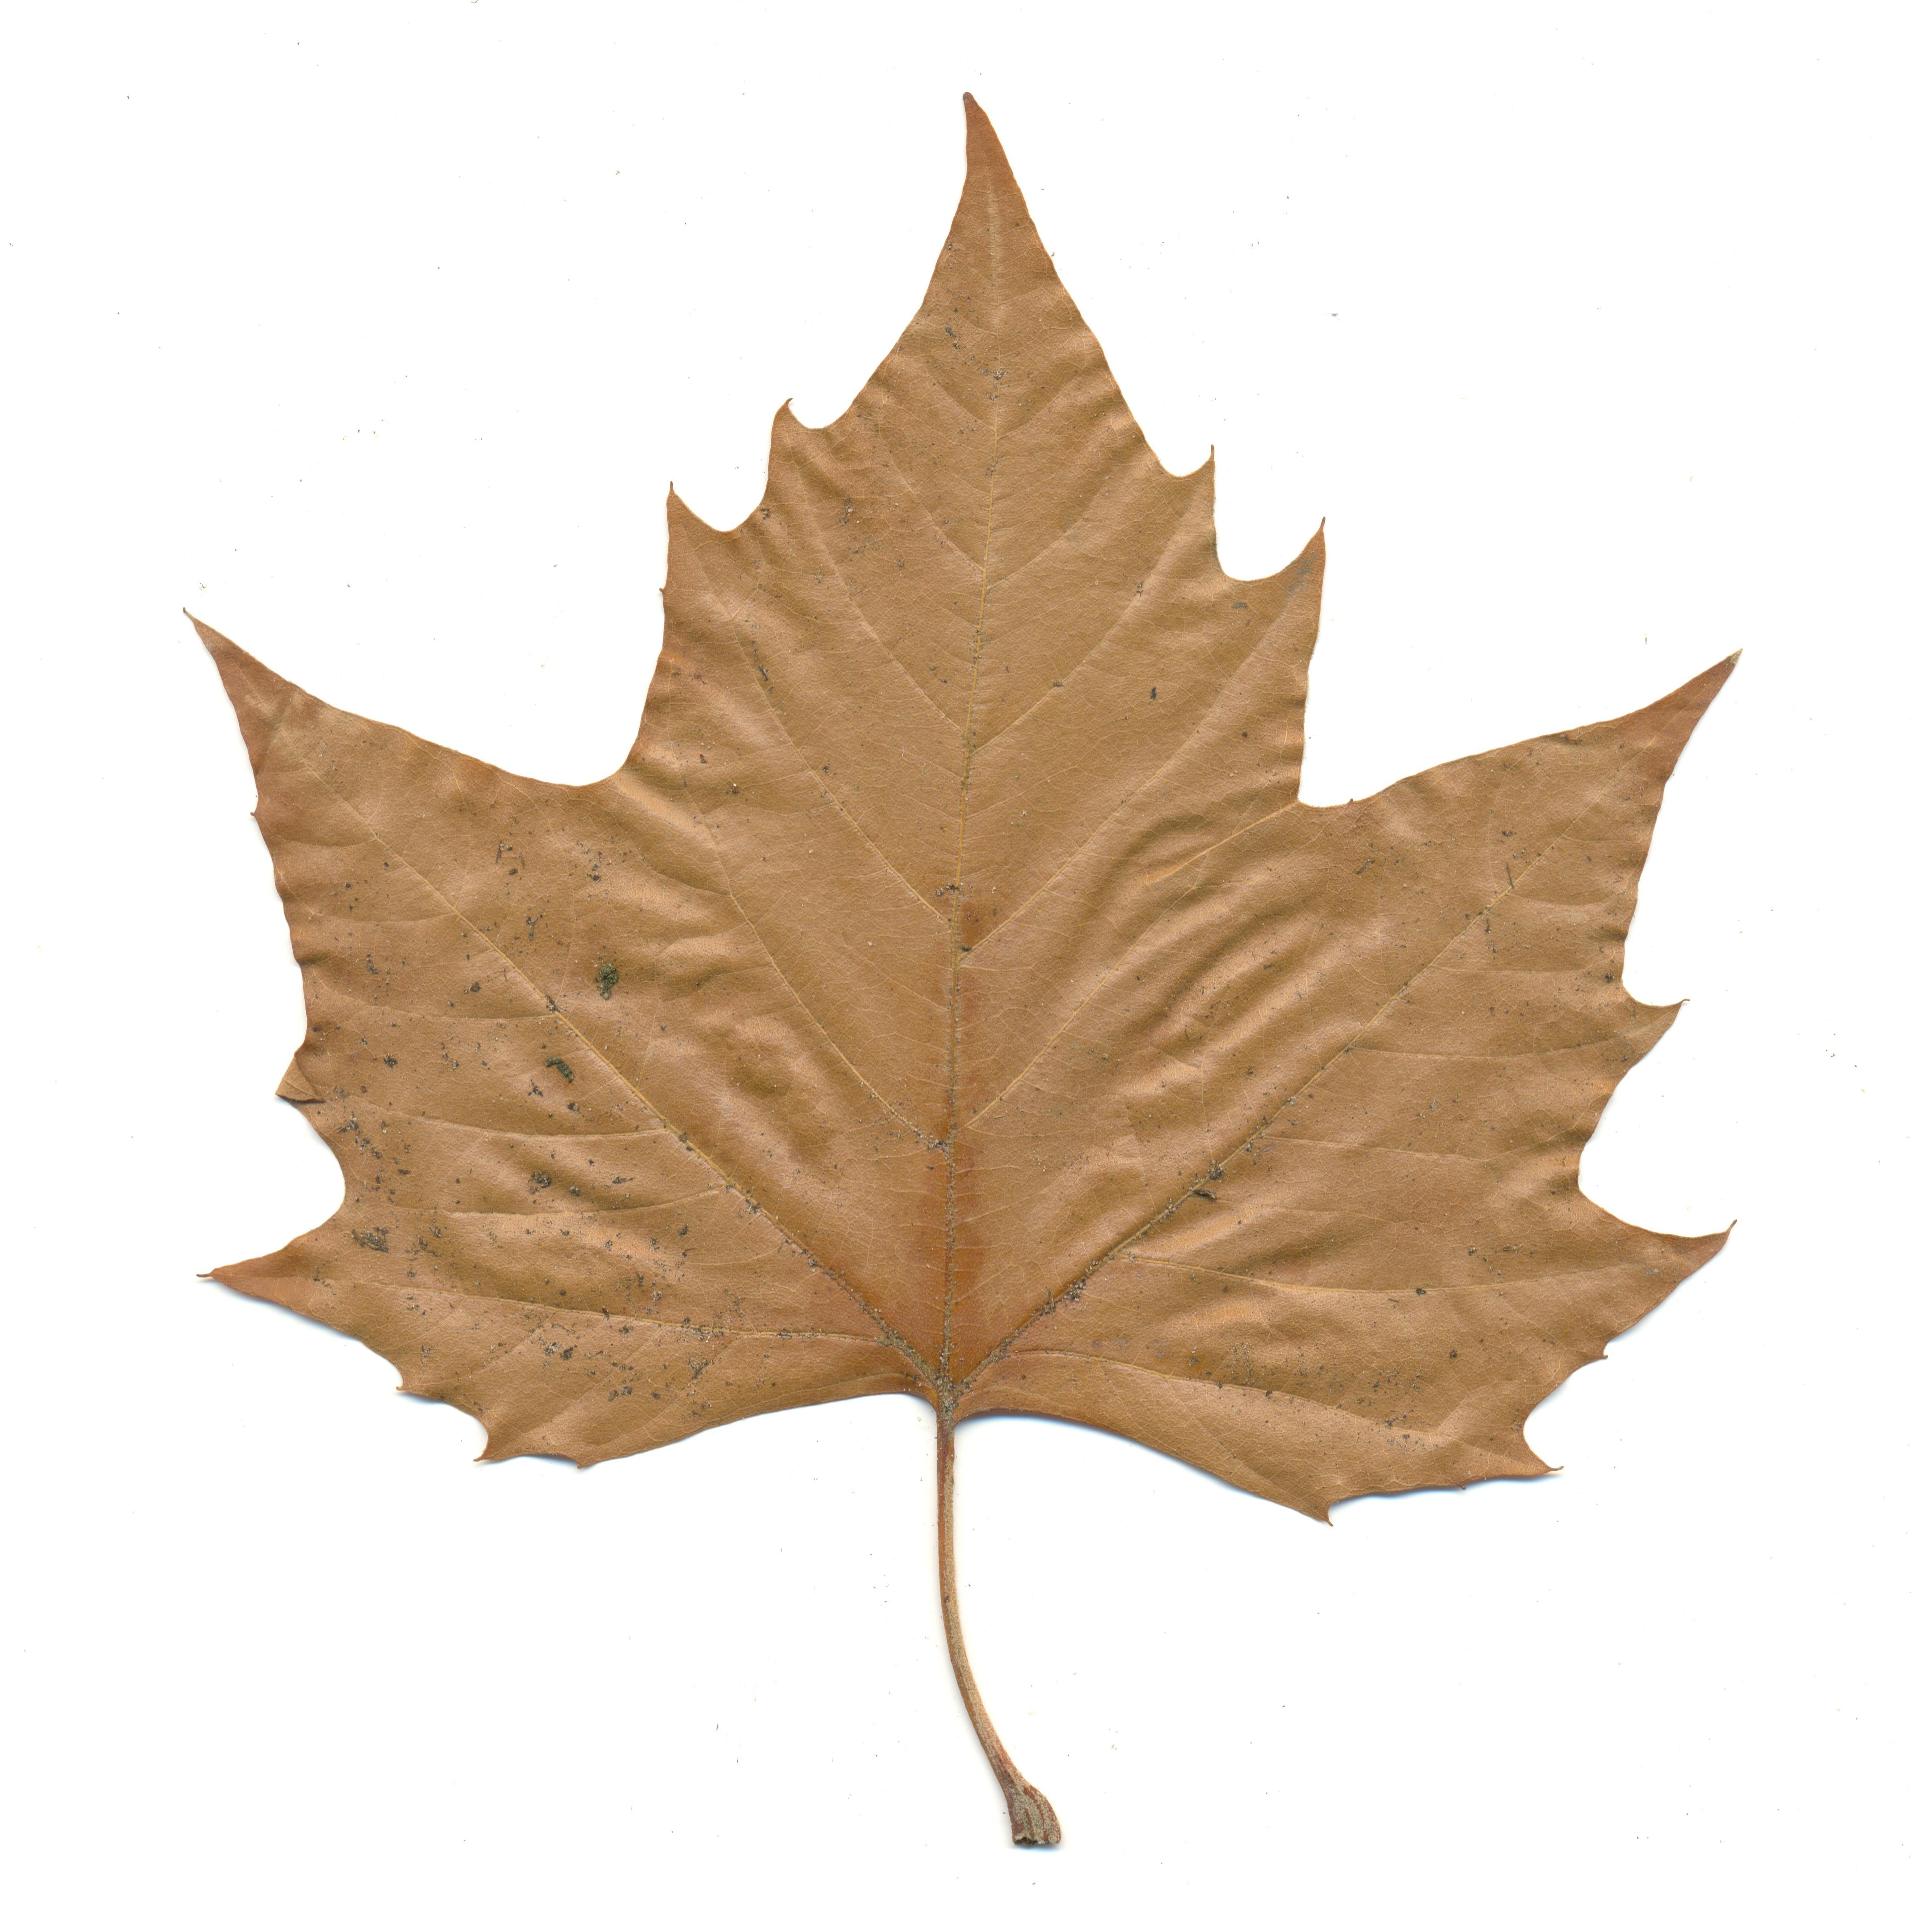 P Contour Line Leafs 3 5 - Lessons - Tes Teach